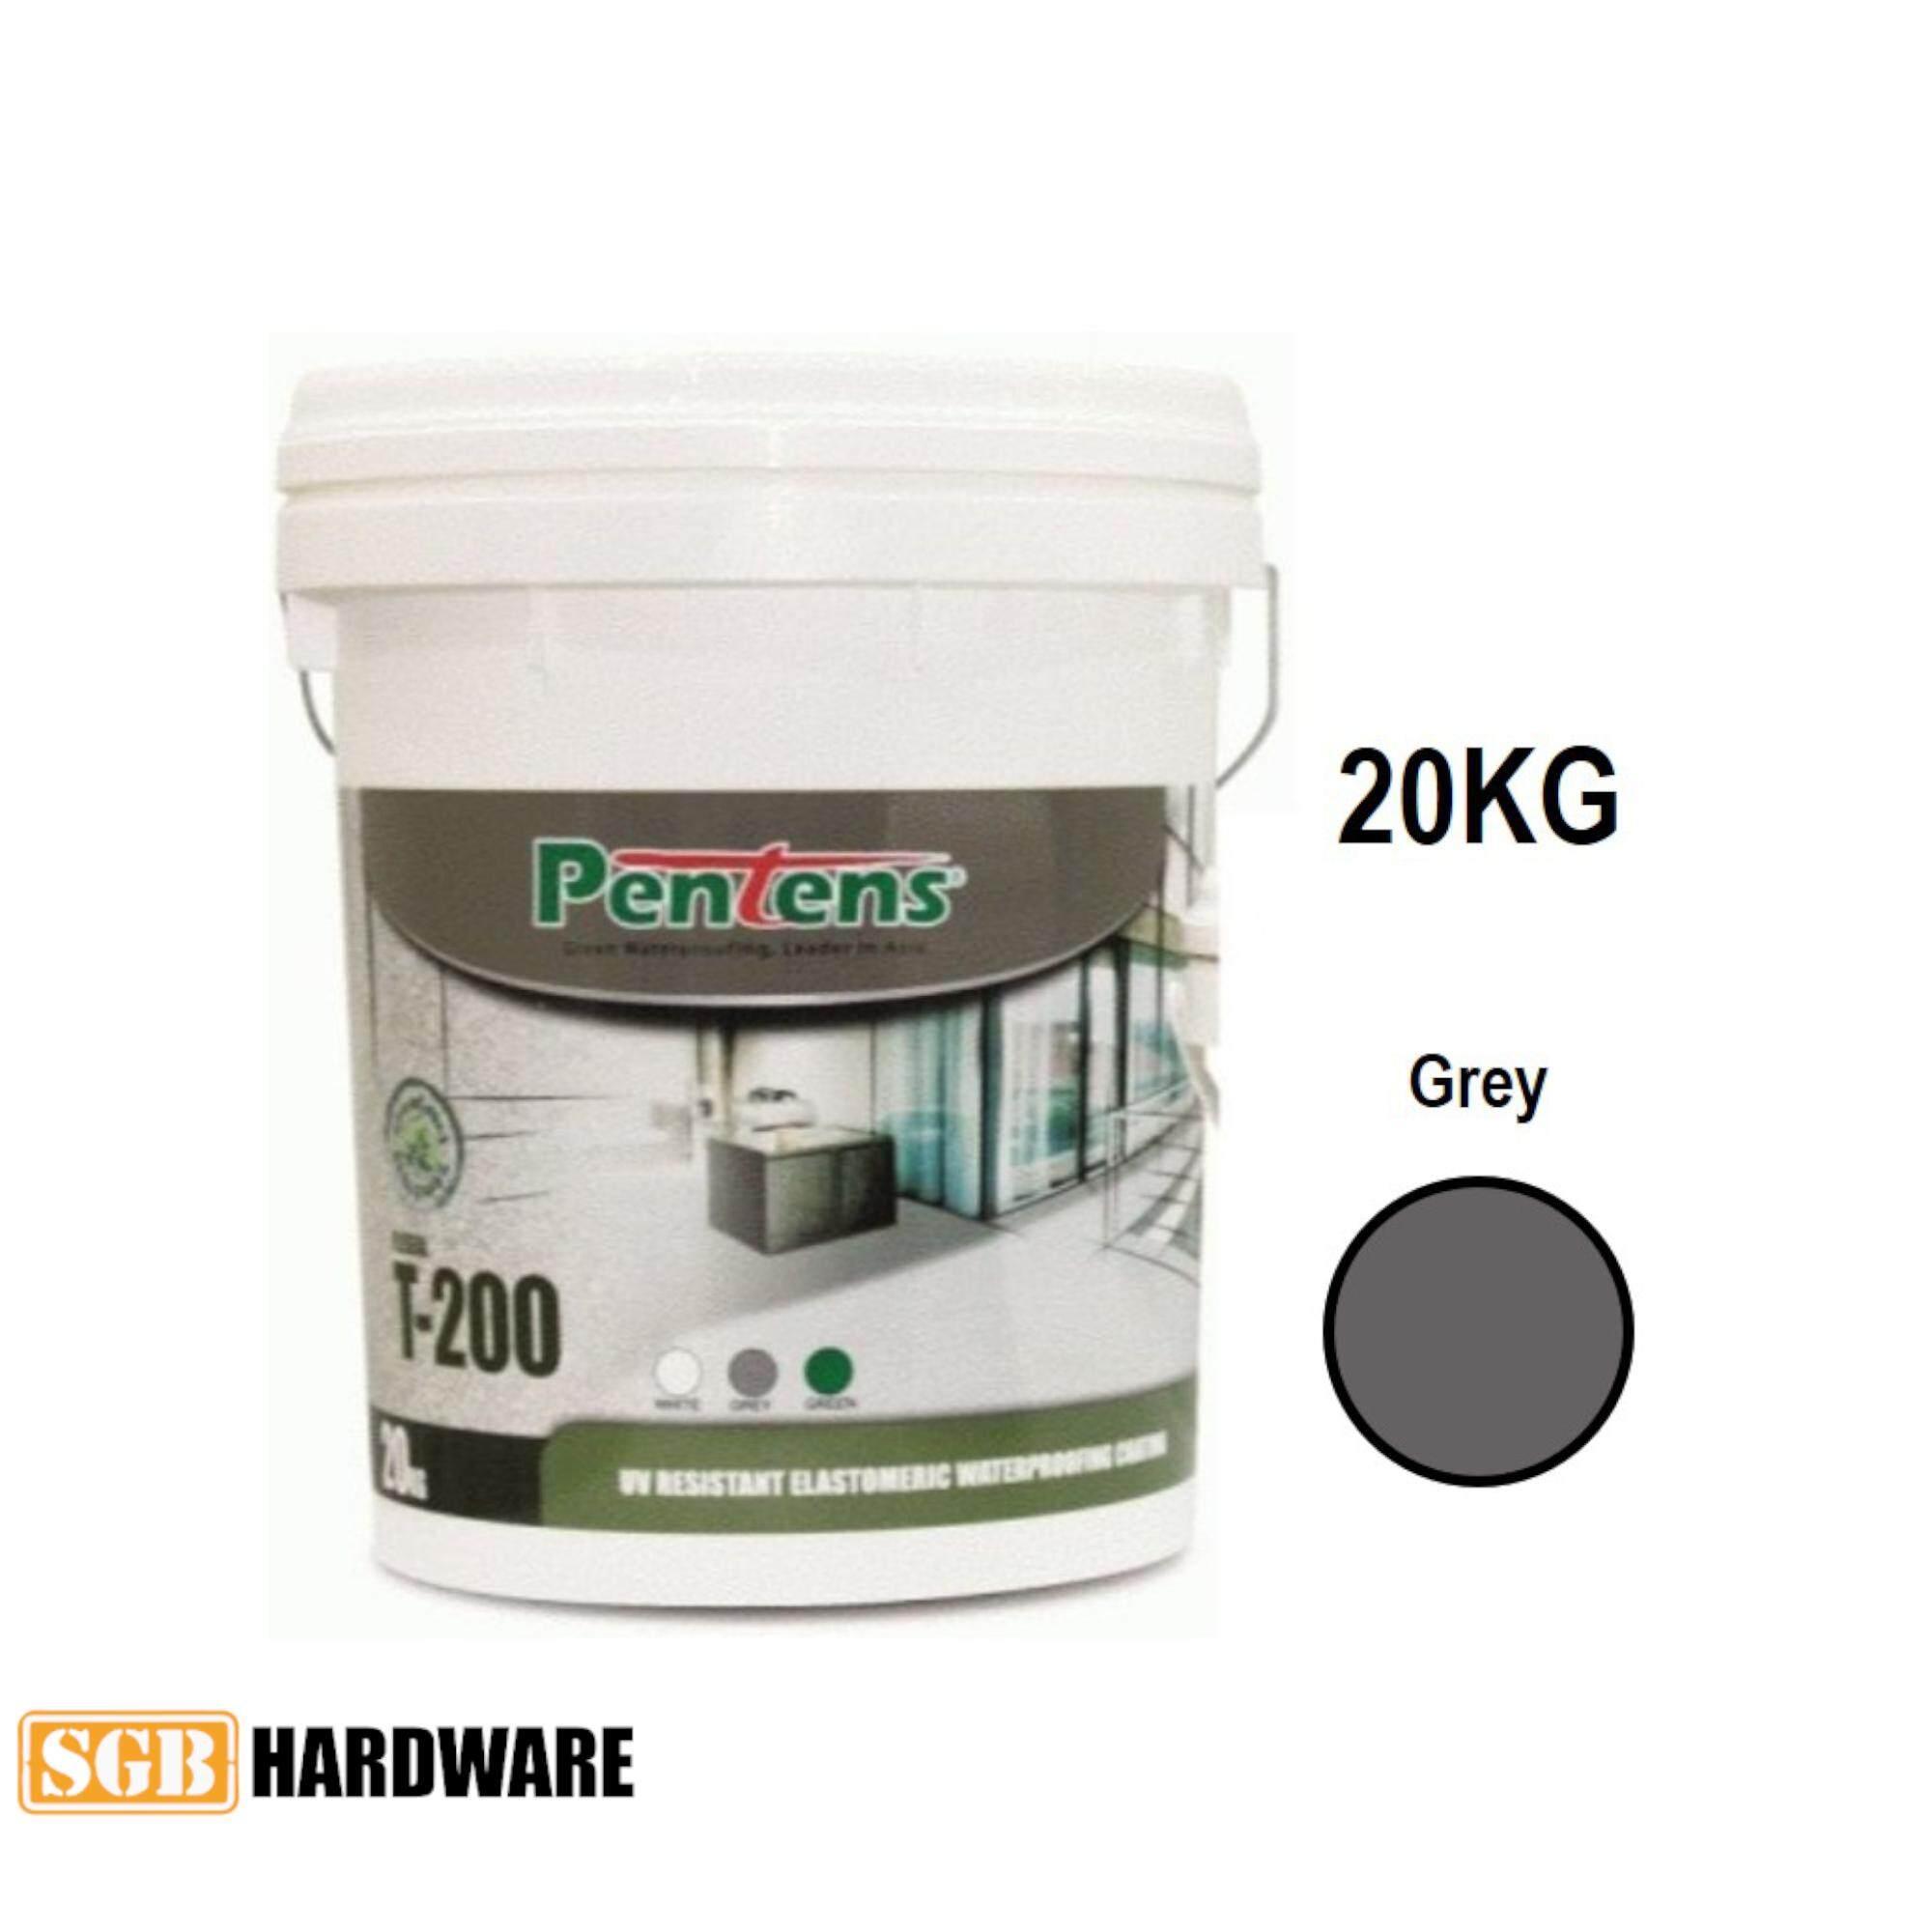 20KG PENTENS T-200 UV Resistant Elastomeric Waterproofing Coating T200 (White / Grey)